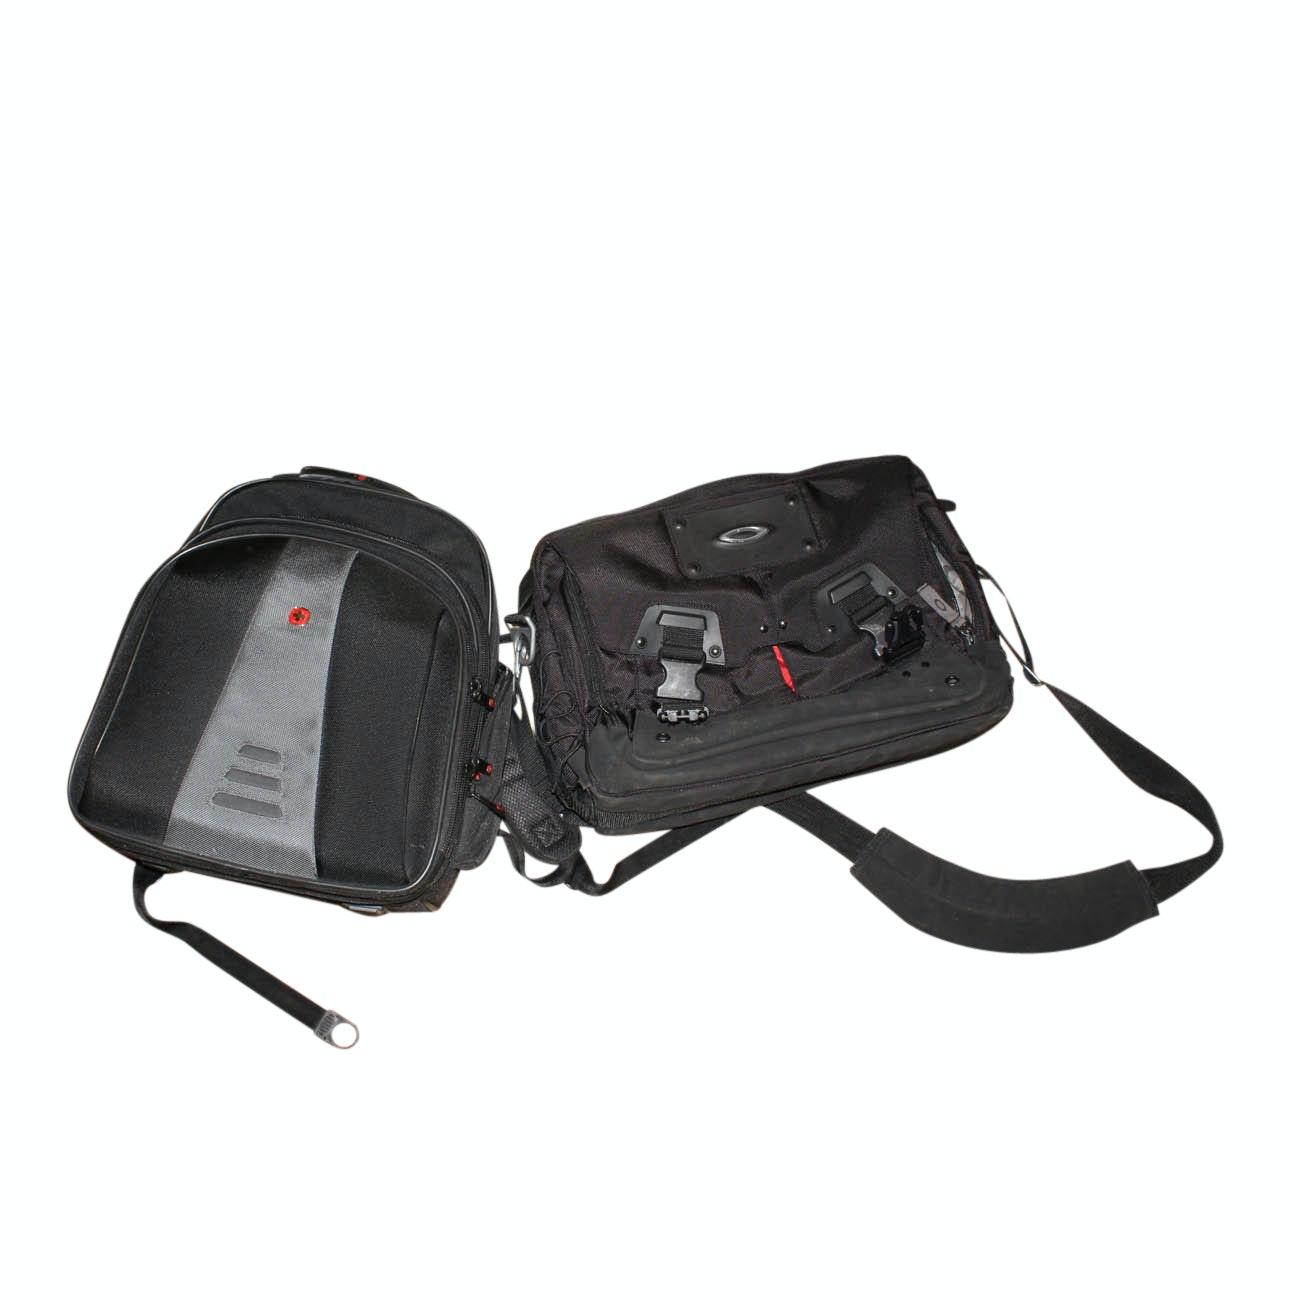 Swiss Gear and Oakley Bags